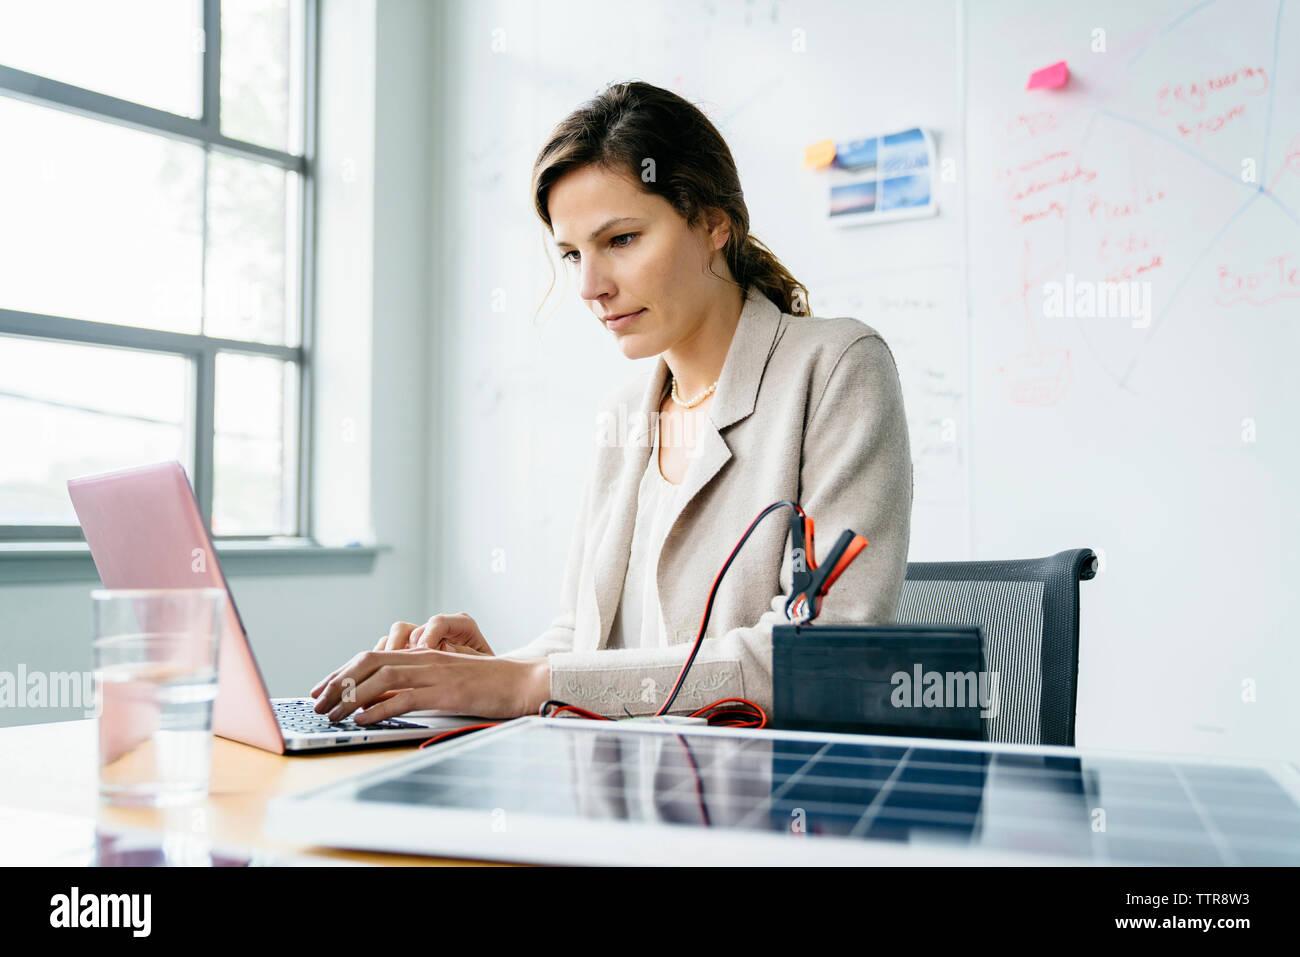 La empresaria mediante ordenador portátil mientras está sentado contra la pizarra en Office Imagen De Stock